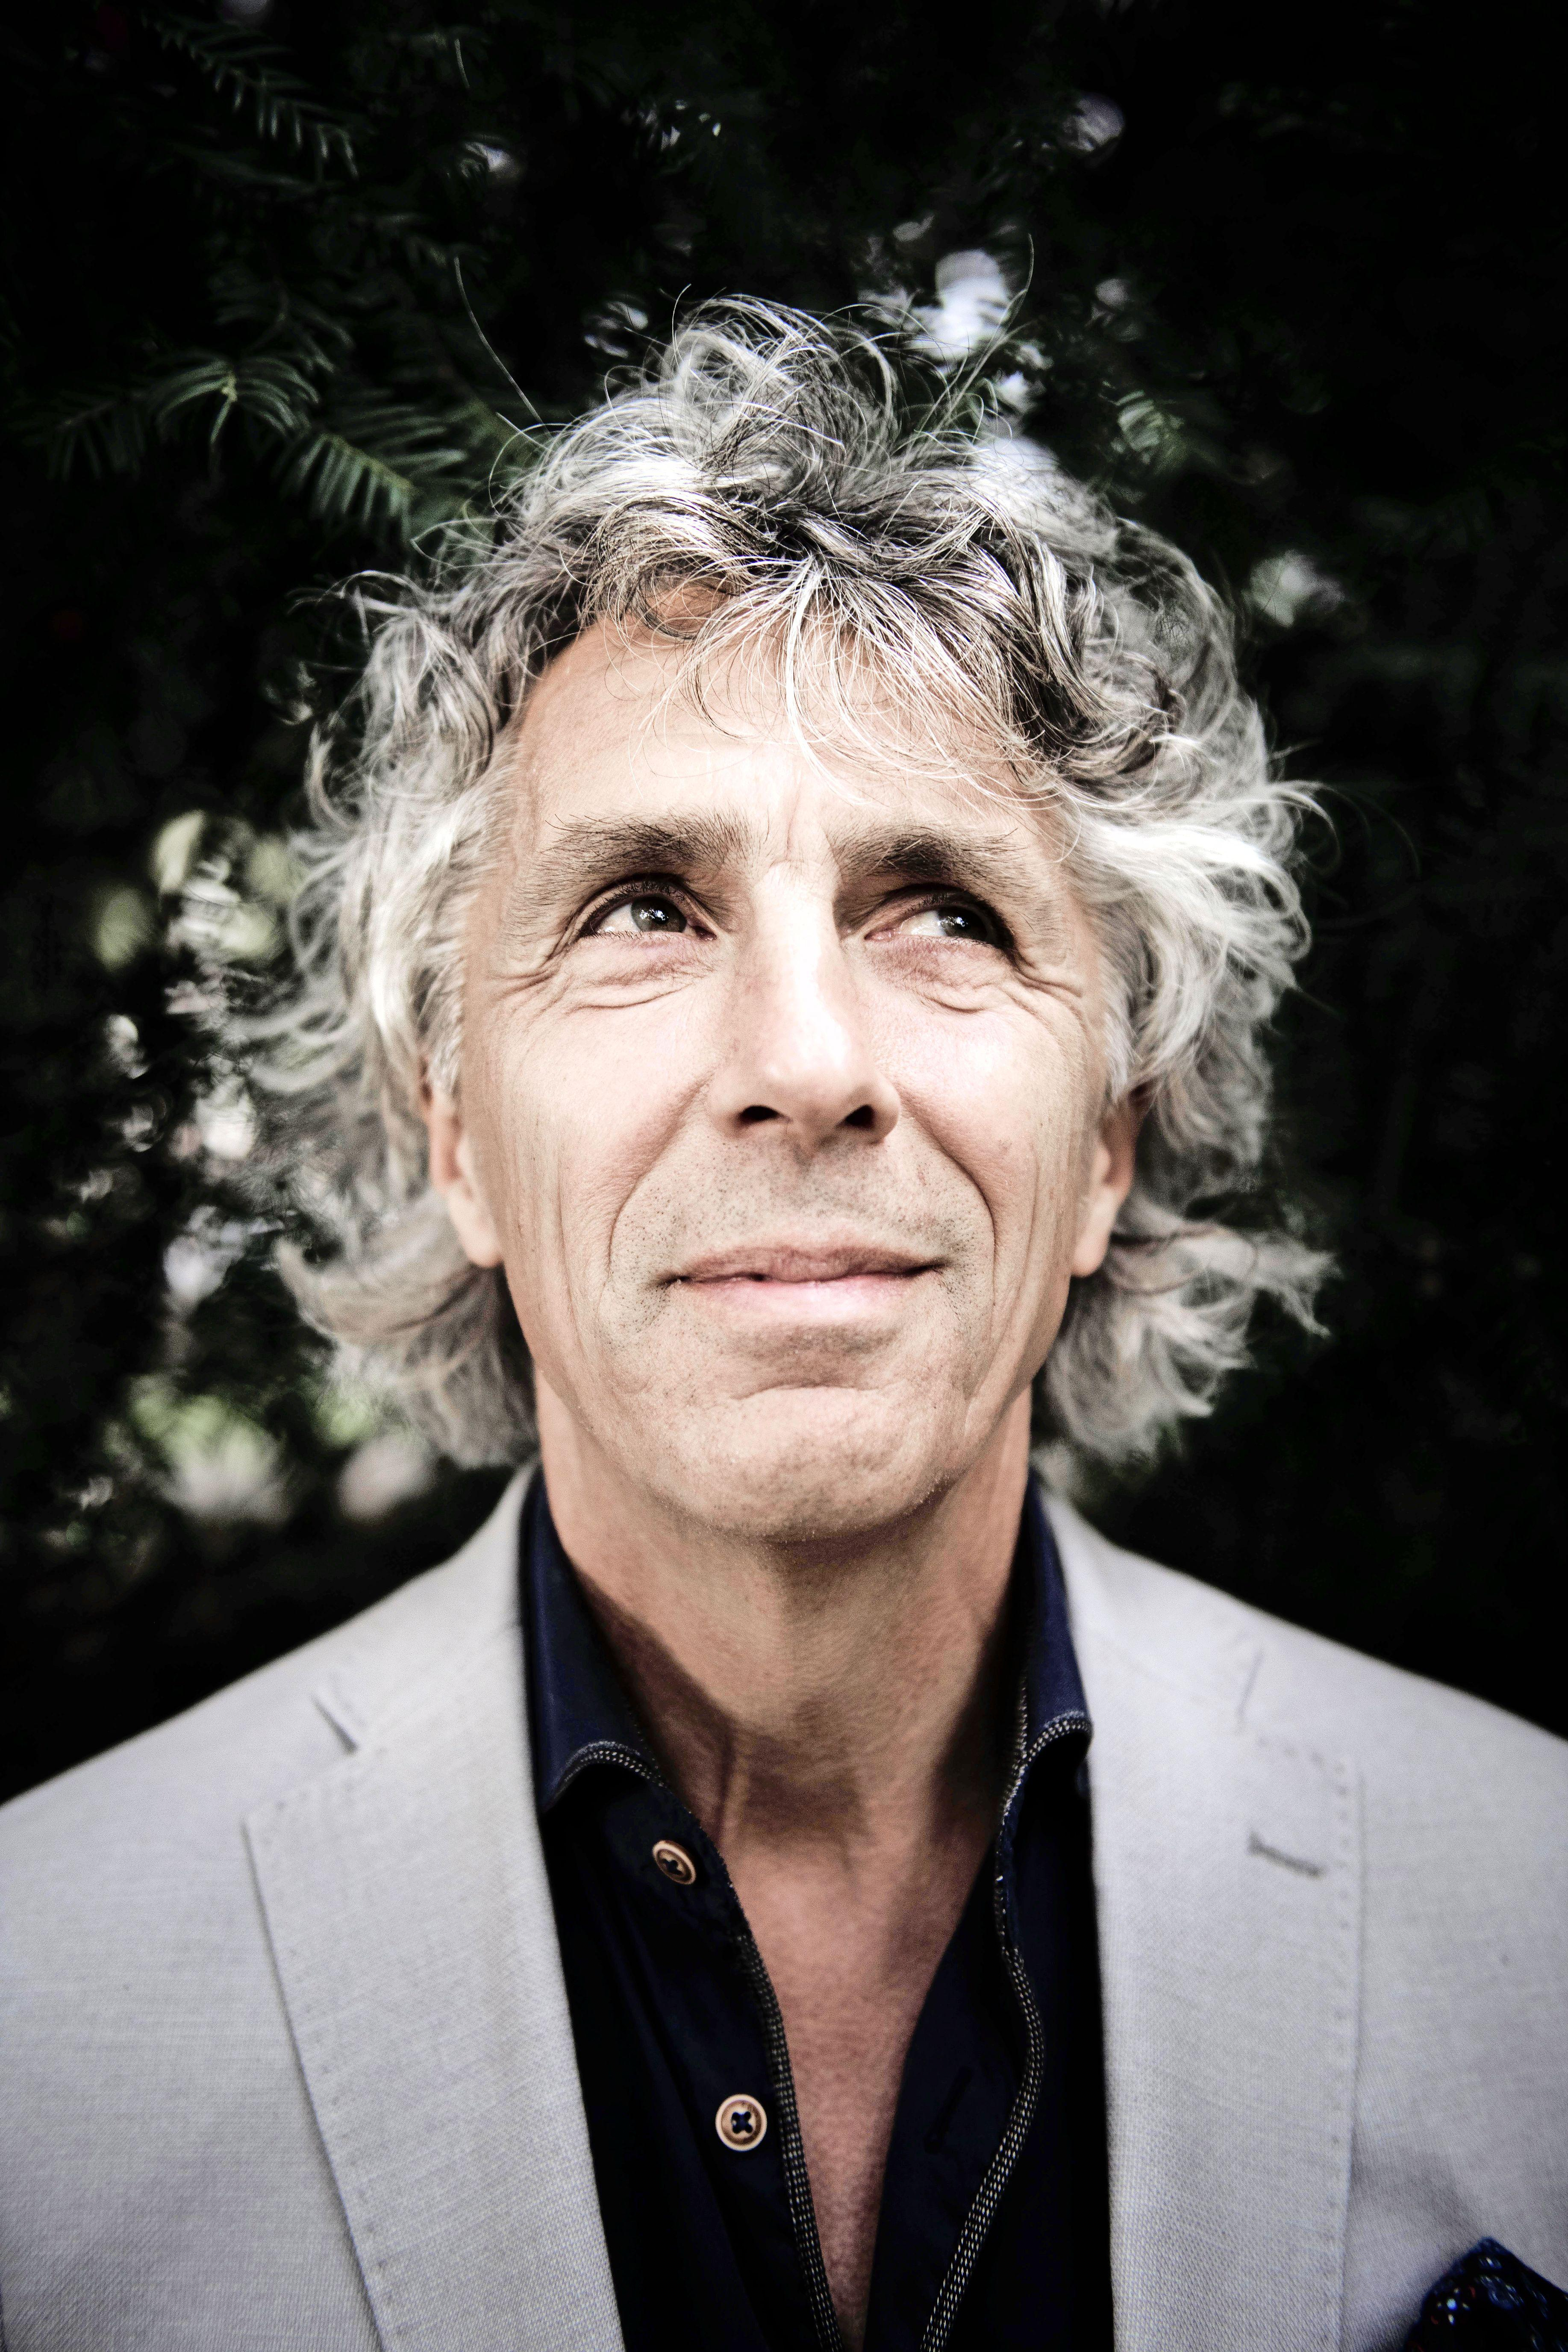 Hoogleraar pleit in Uitgeest voor intensievere burgerparticipatie; Pim Fortuyn heeft Nederland 'wakker gekust'